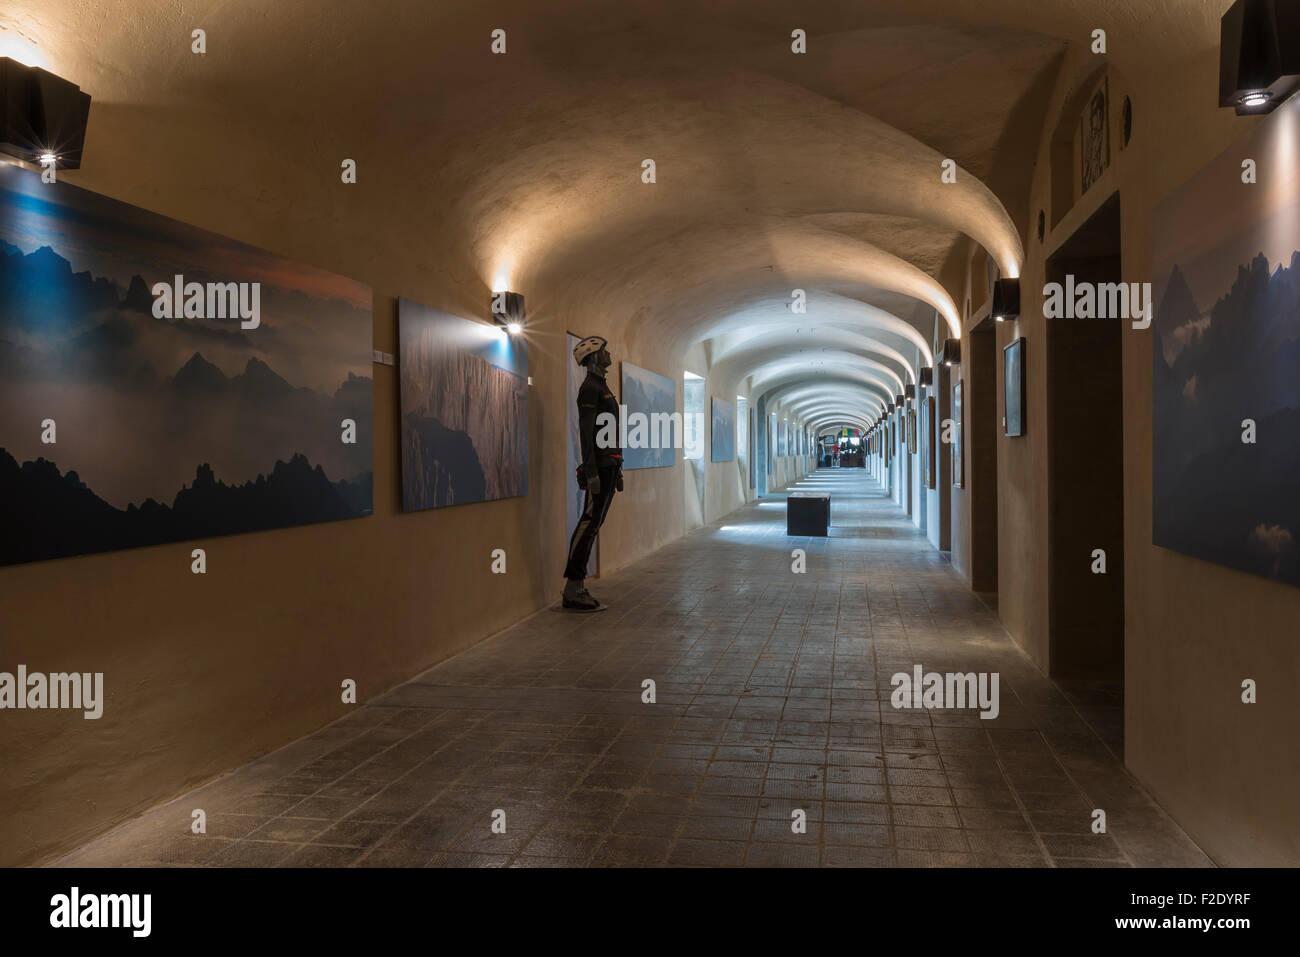 Musée Musée Dolomites, dans les nuages, à l'intérieur, appartenant à Messner Mountain Photo Stock